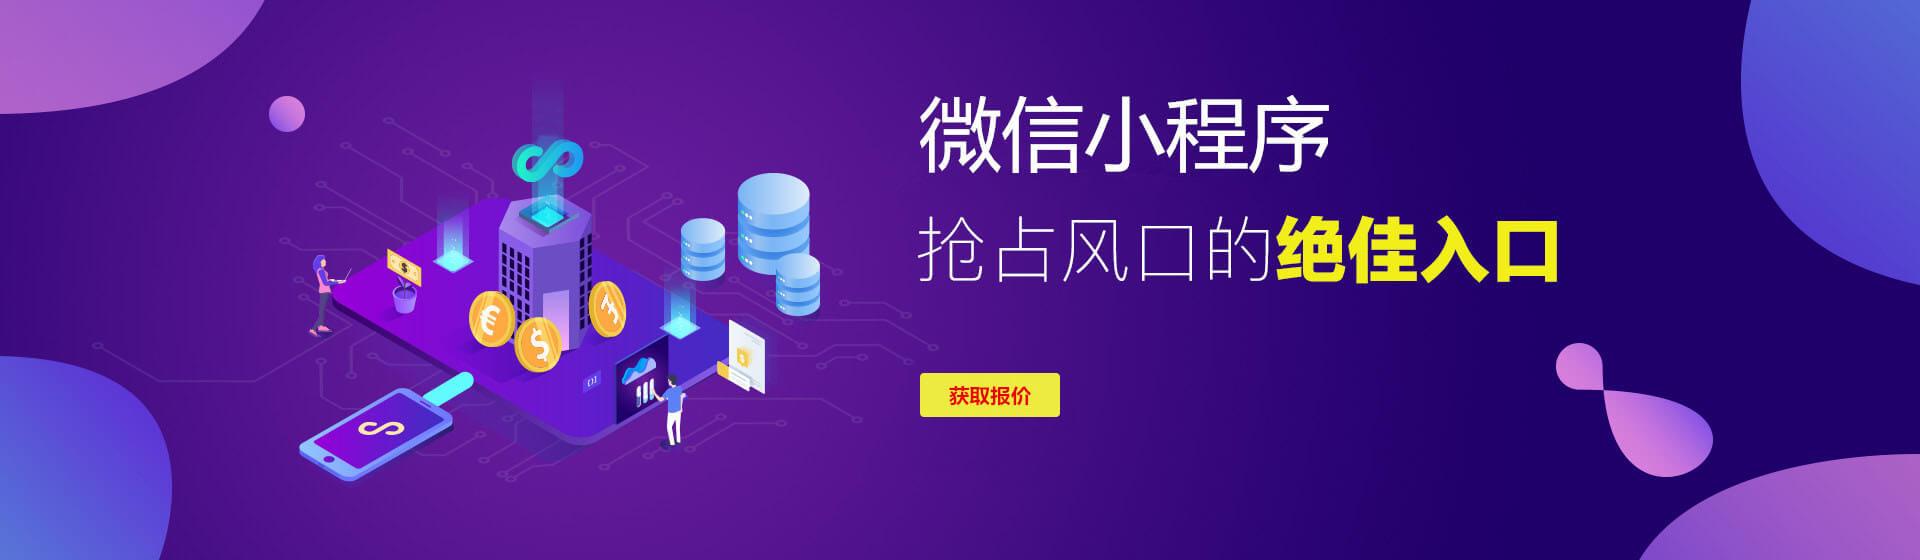 泰州企业展示型微信小程序开发制作服务插图